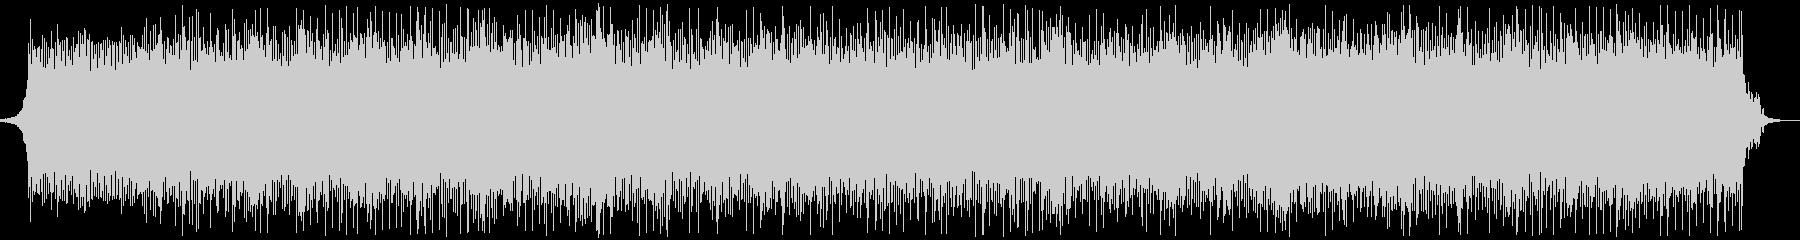 シンセベースメインのクールなハウス系楽曲の未再生の波形